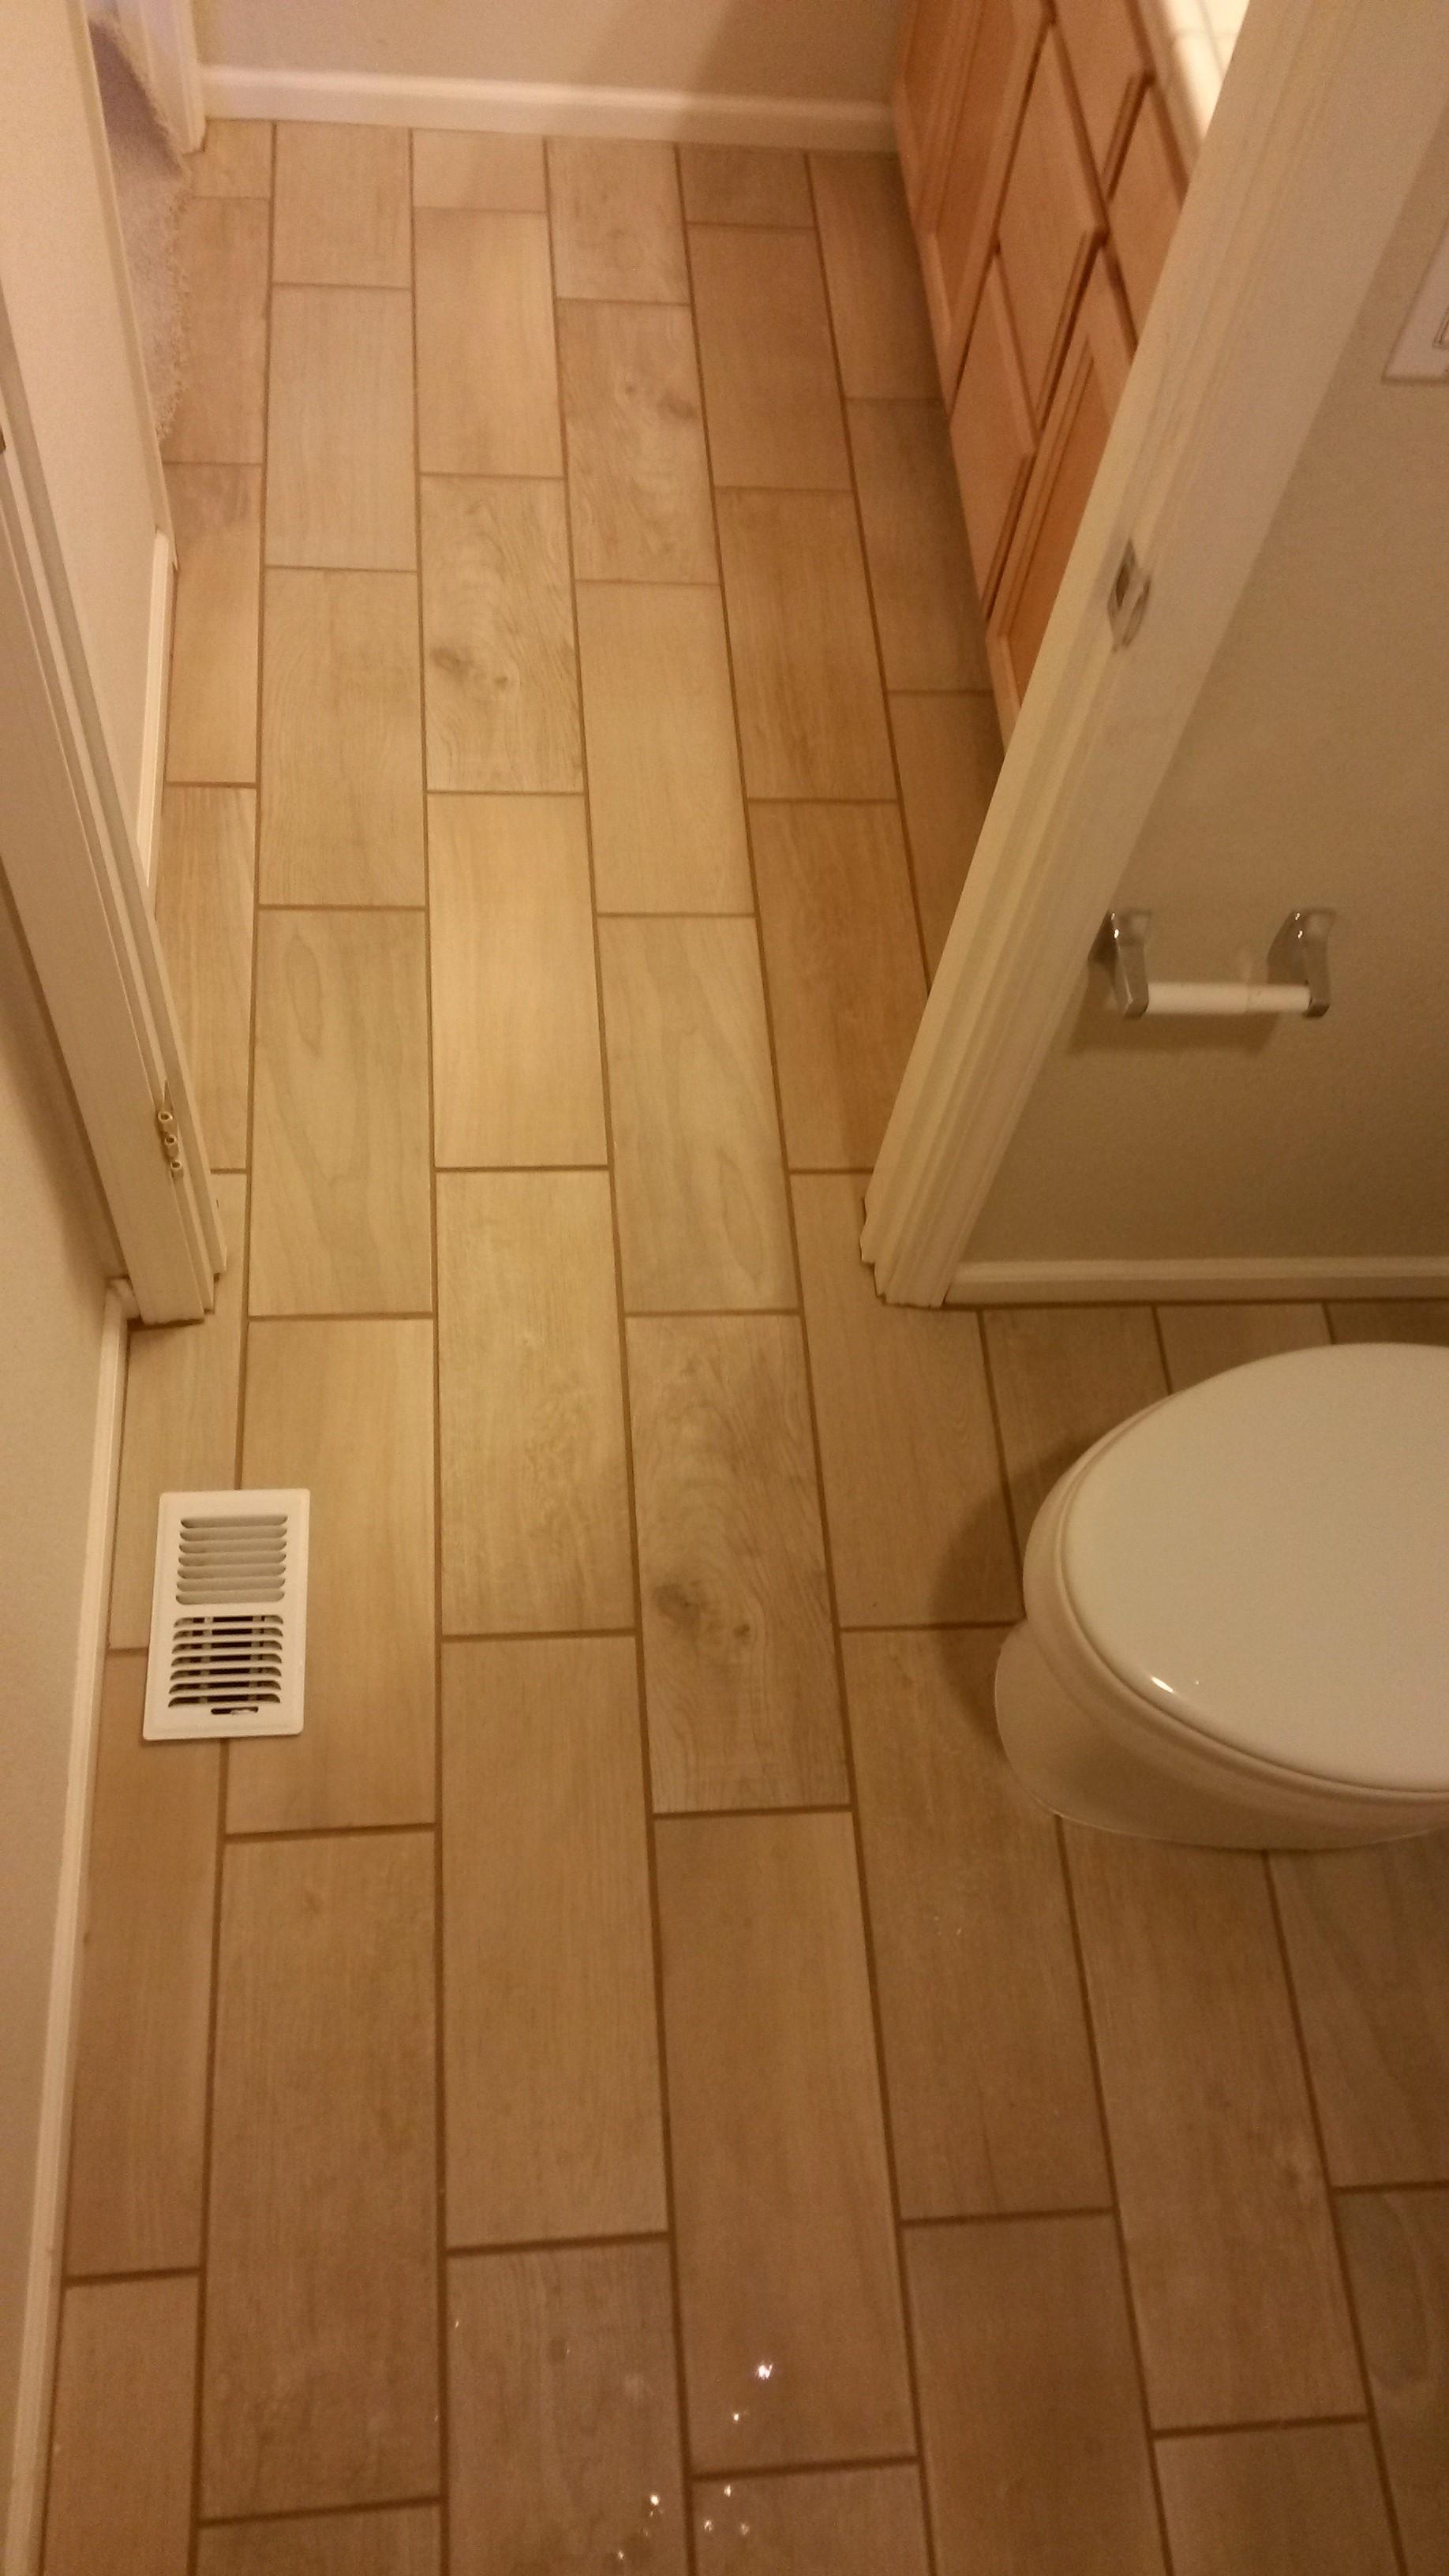 Top view Of Entire Upstairs Bath Floor.jpg